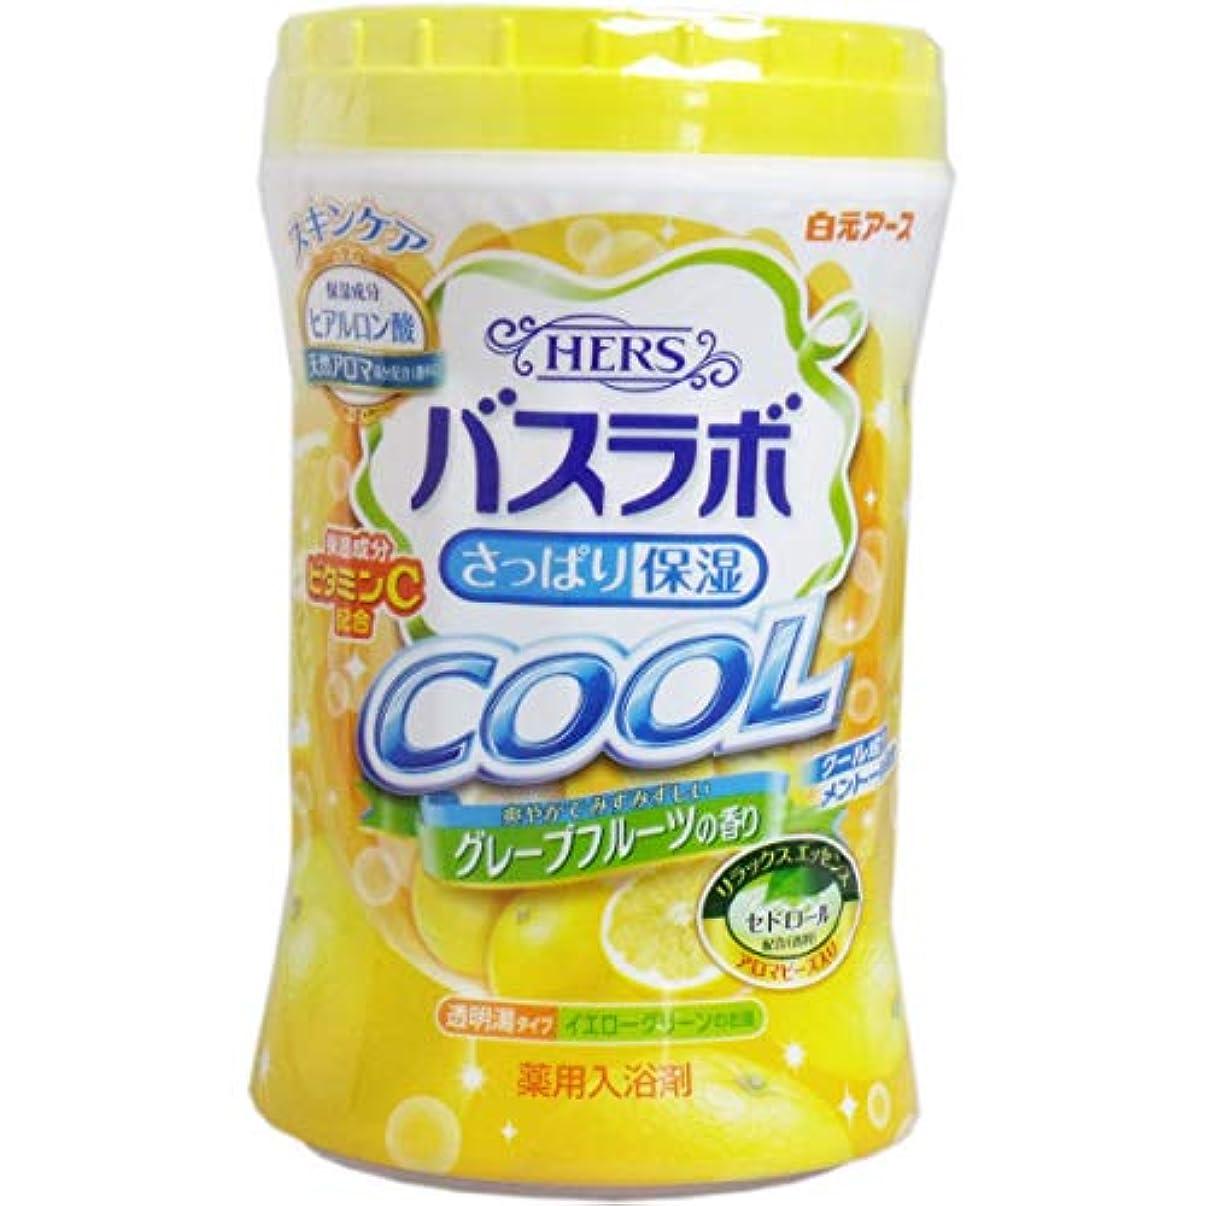 トランジスタ首相余分なHERSバスラボ ボトル クール グレープフルーツの香り 640g × 15点